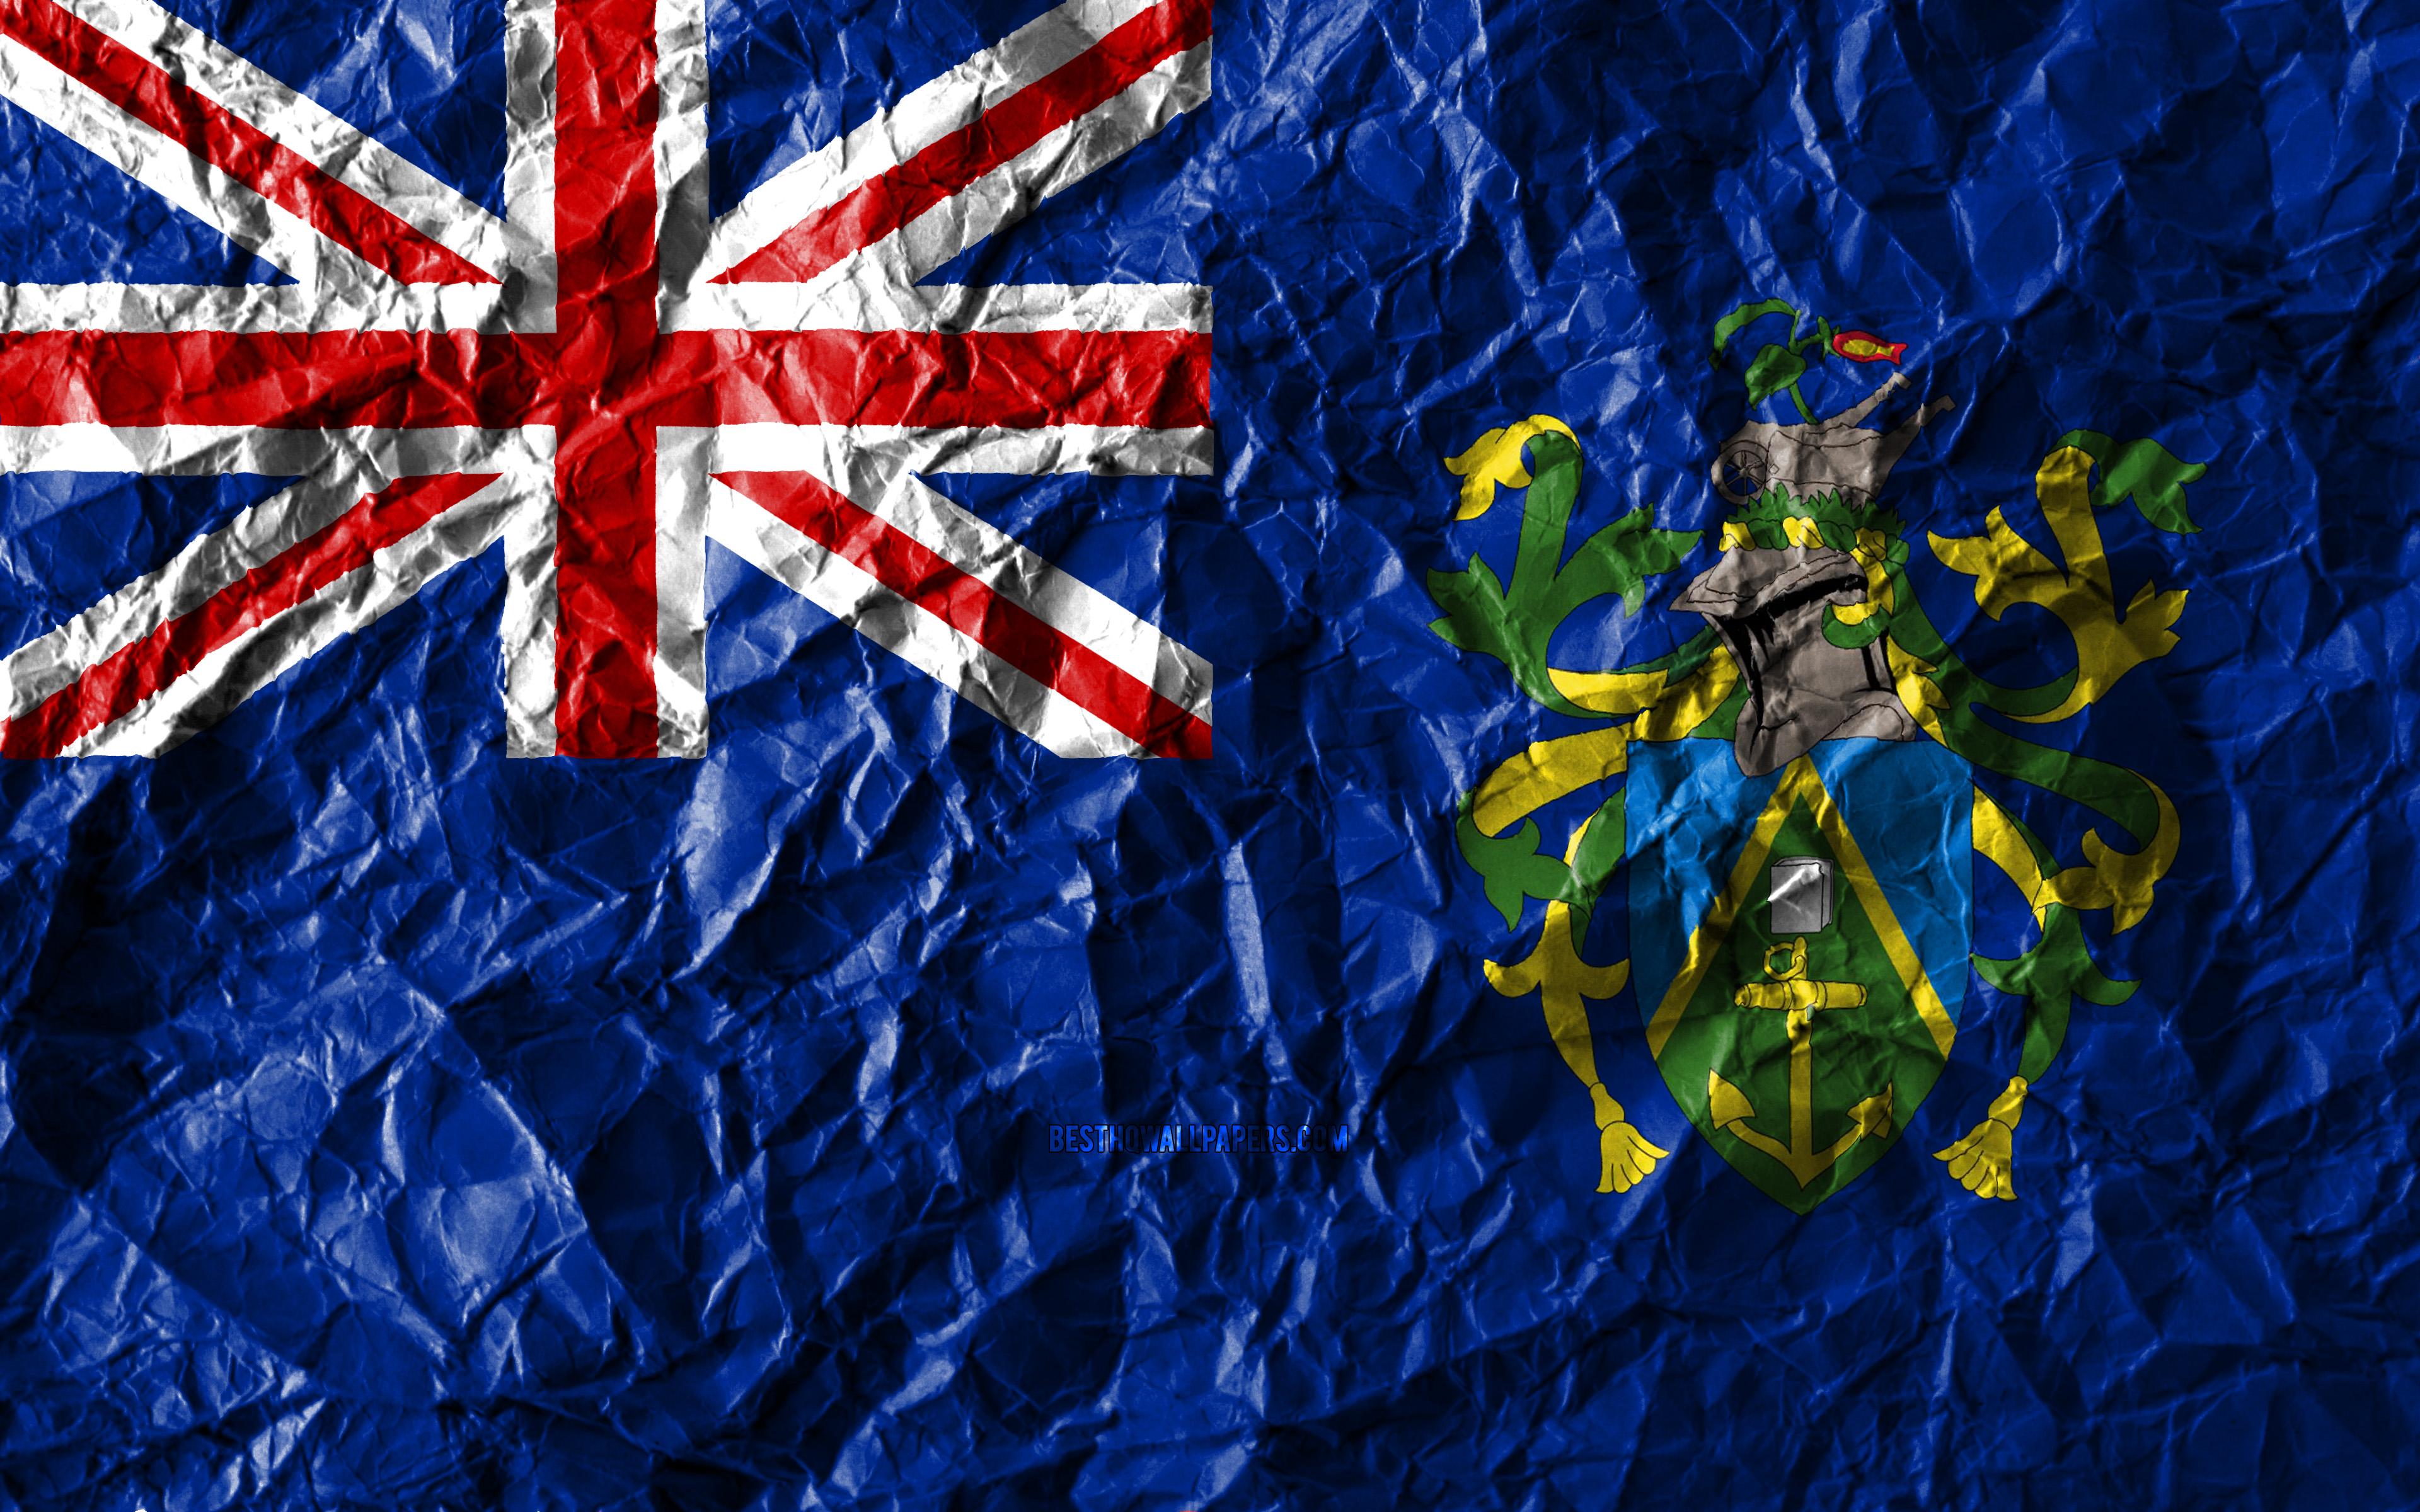 Pitcairn Adaları'nın Başkenti ve Para Birimi Nedir? Pitcairn Adaları'nın Bayrağı Nasıldır?